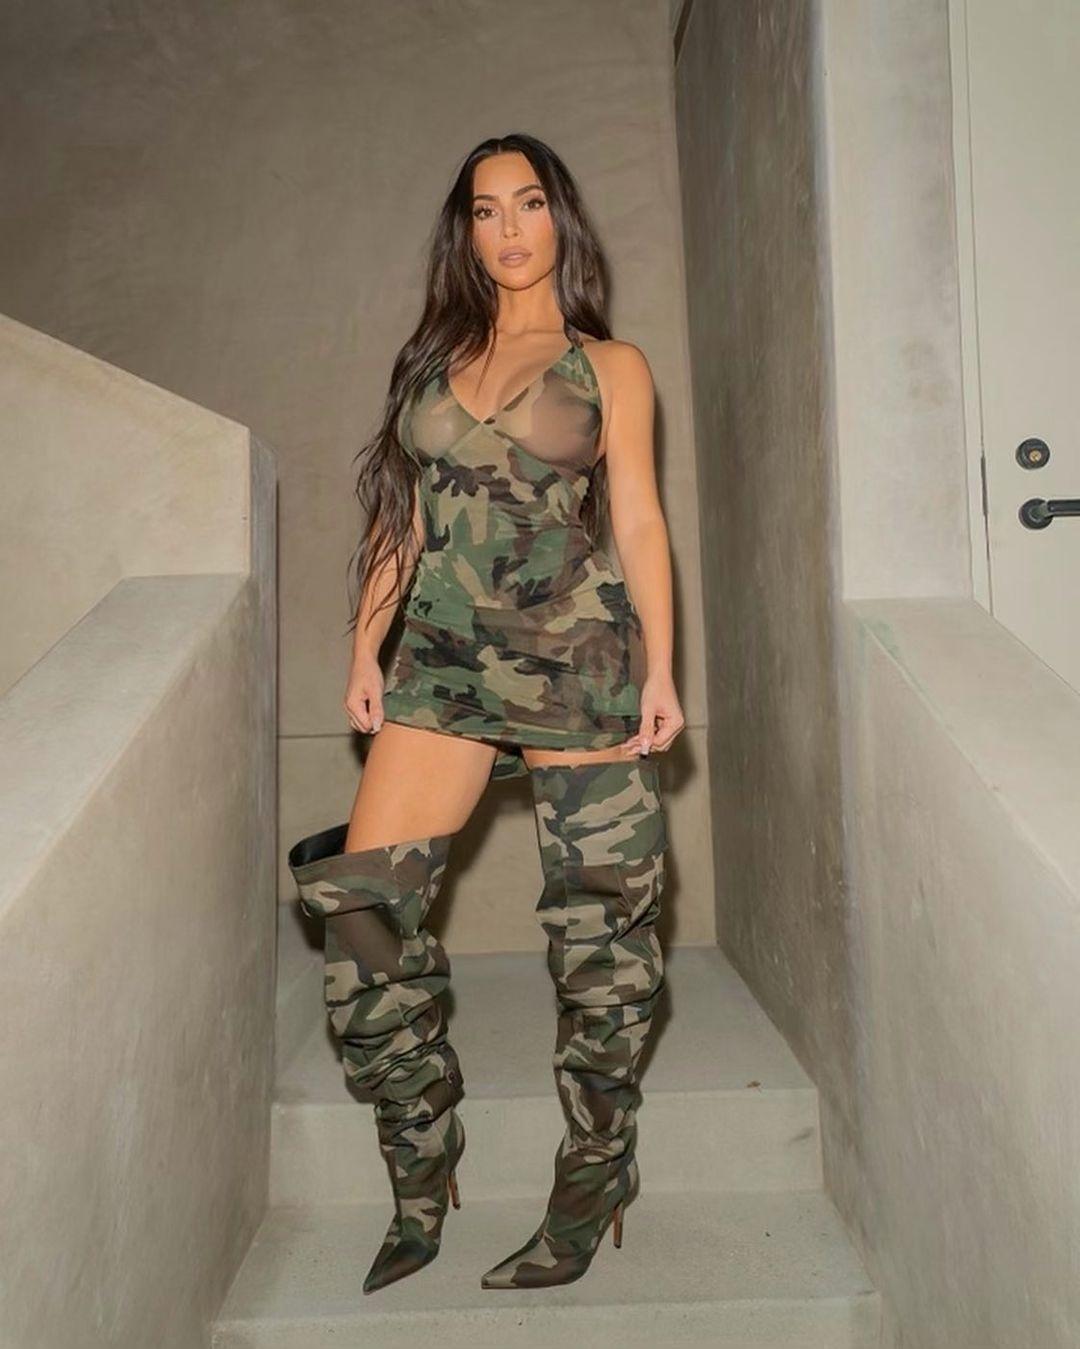 Образ дня: Ким Кардашьян в соблазнительном мини-платье с камуфляжным принтом (ФОТО) - фото №1